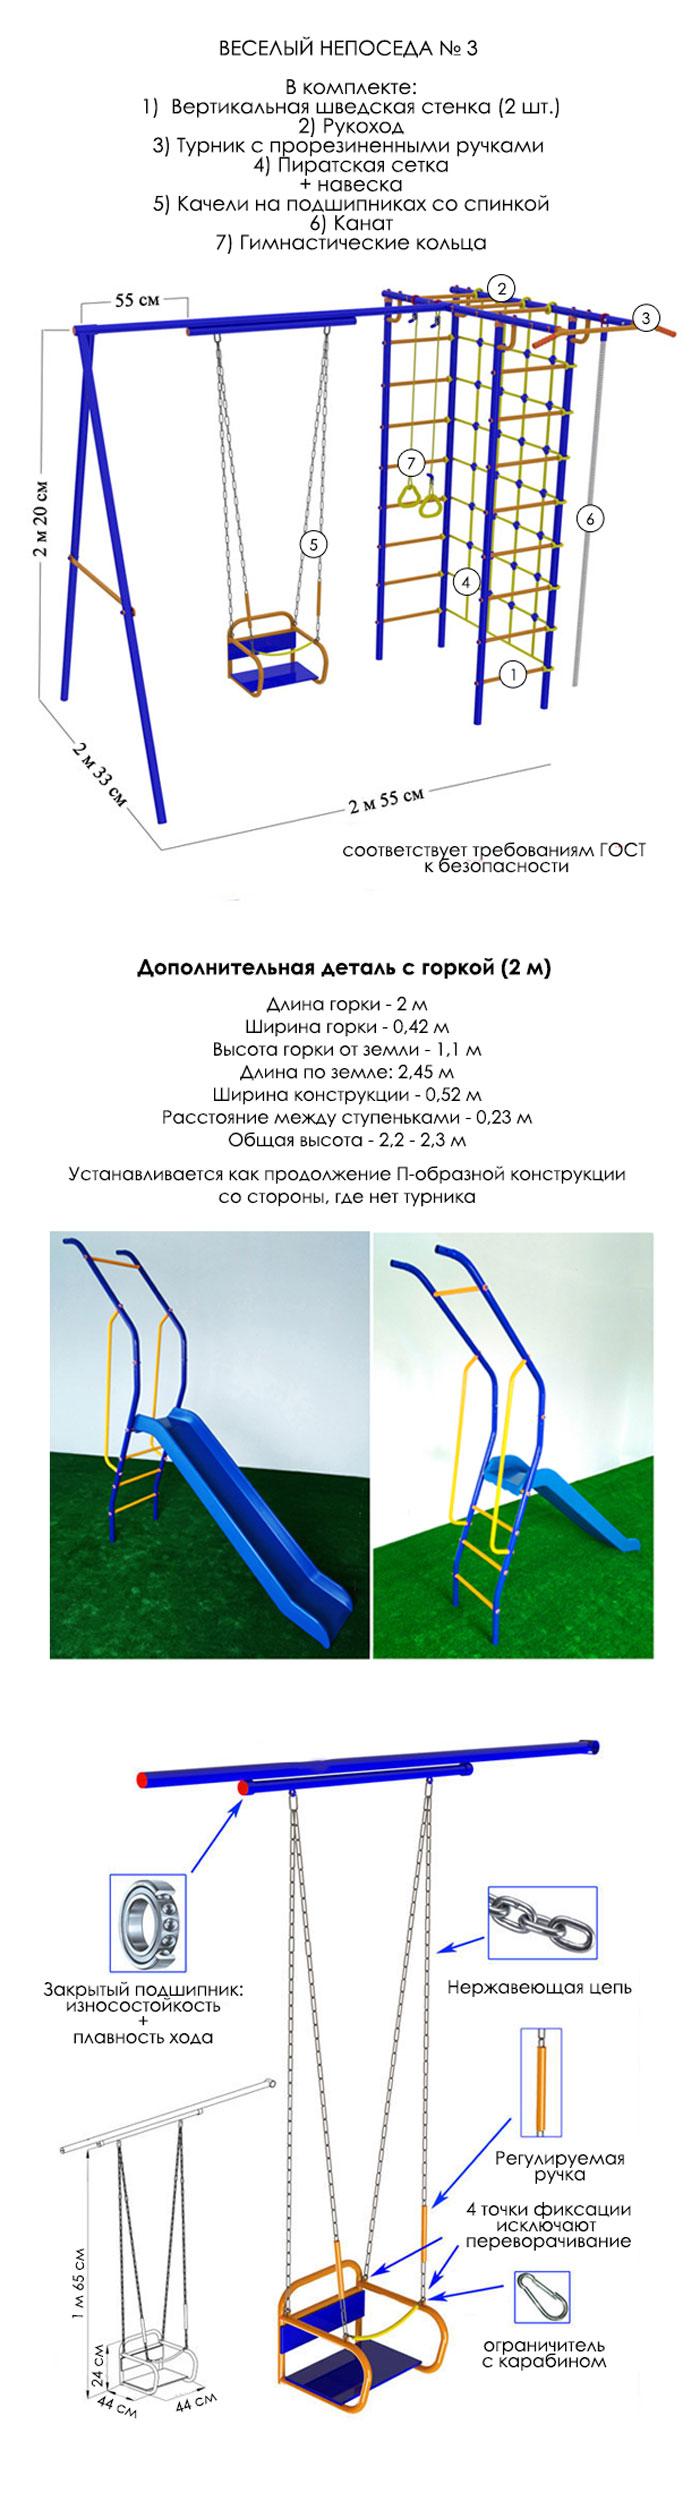 Характеристики детского дачного комплекса Веселый непоседа 3 для создания игровой площадки на свежем воздухе